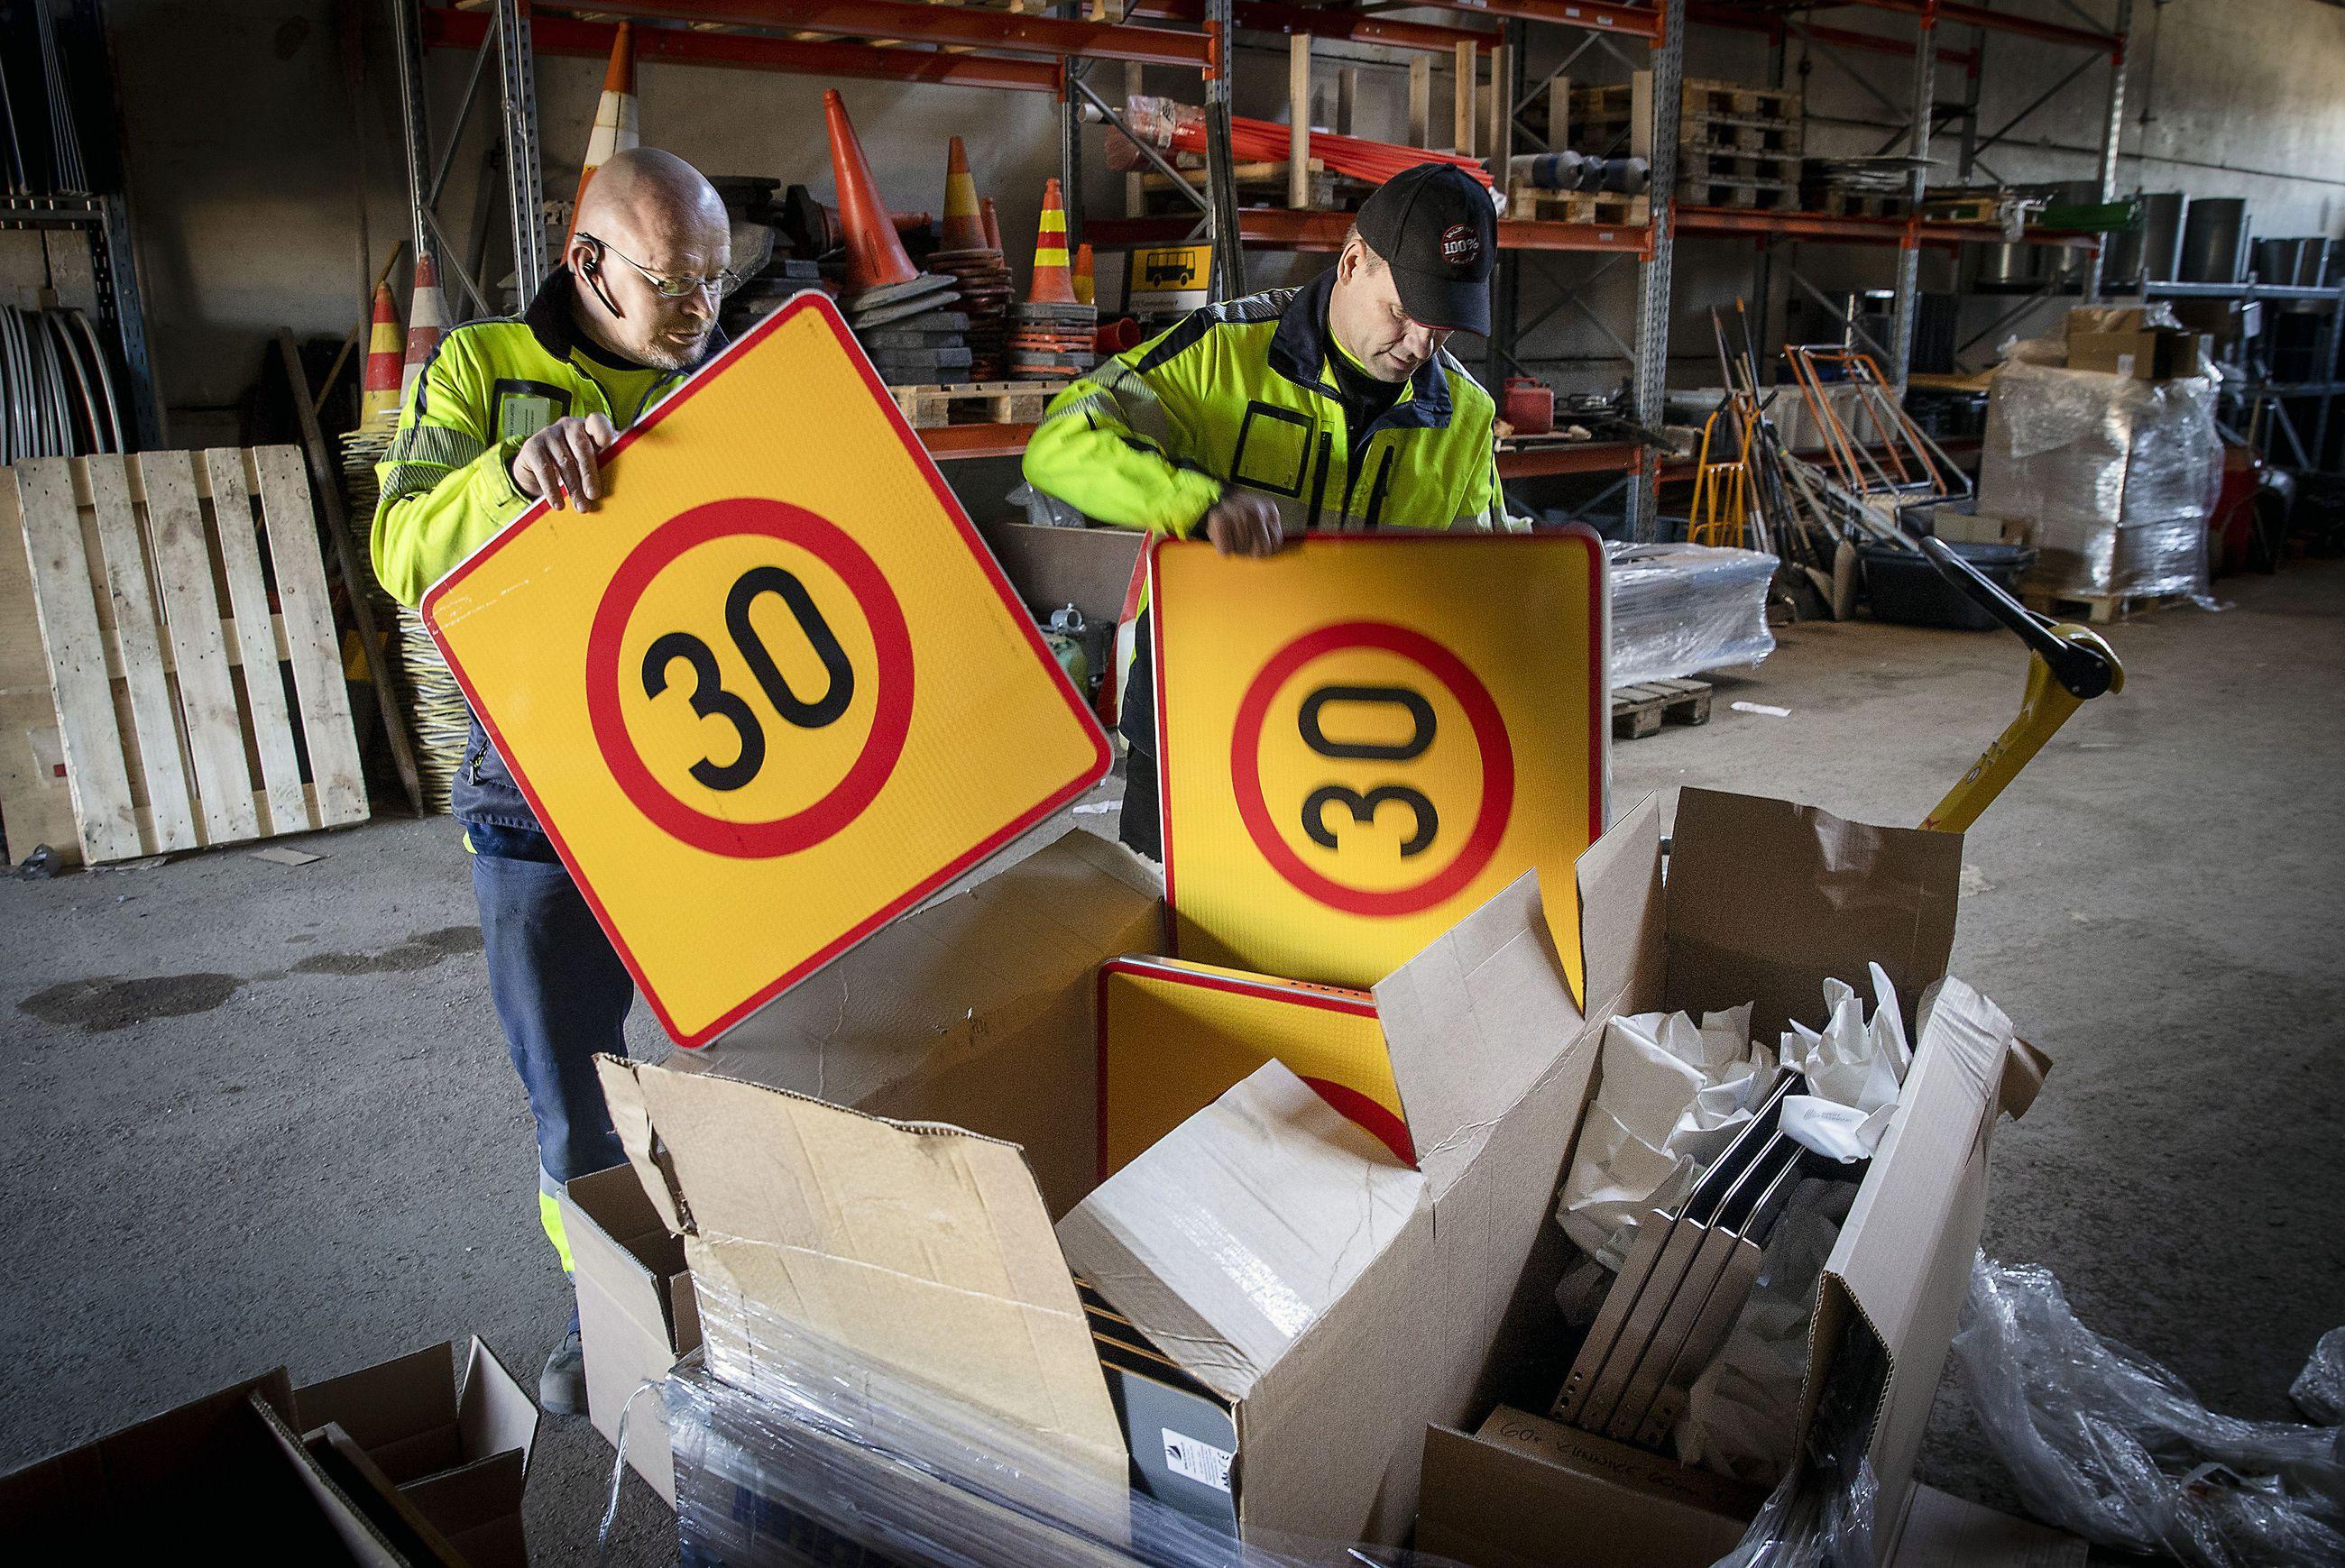 Alueellisia nopeusrajoituksia on alennettu Oulussa viime aikoina 30 kilometriin tunnissa. Kunnossapitotyöntekijät Rauno Oikarinen (vas) ja Seppo Komminaho purkamassa kylttejä arkistokuvassa.